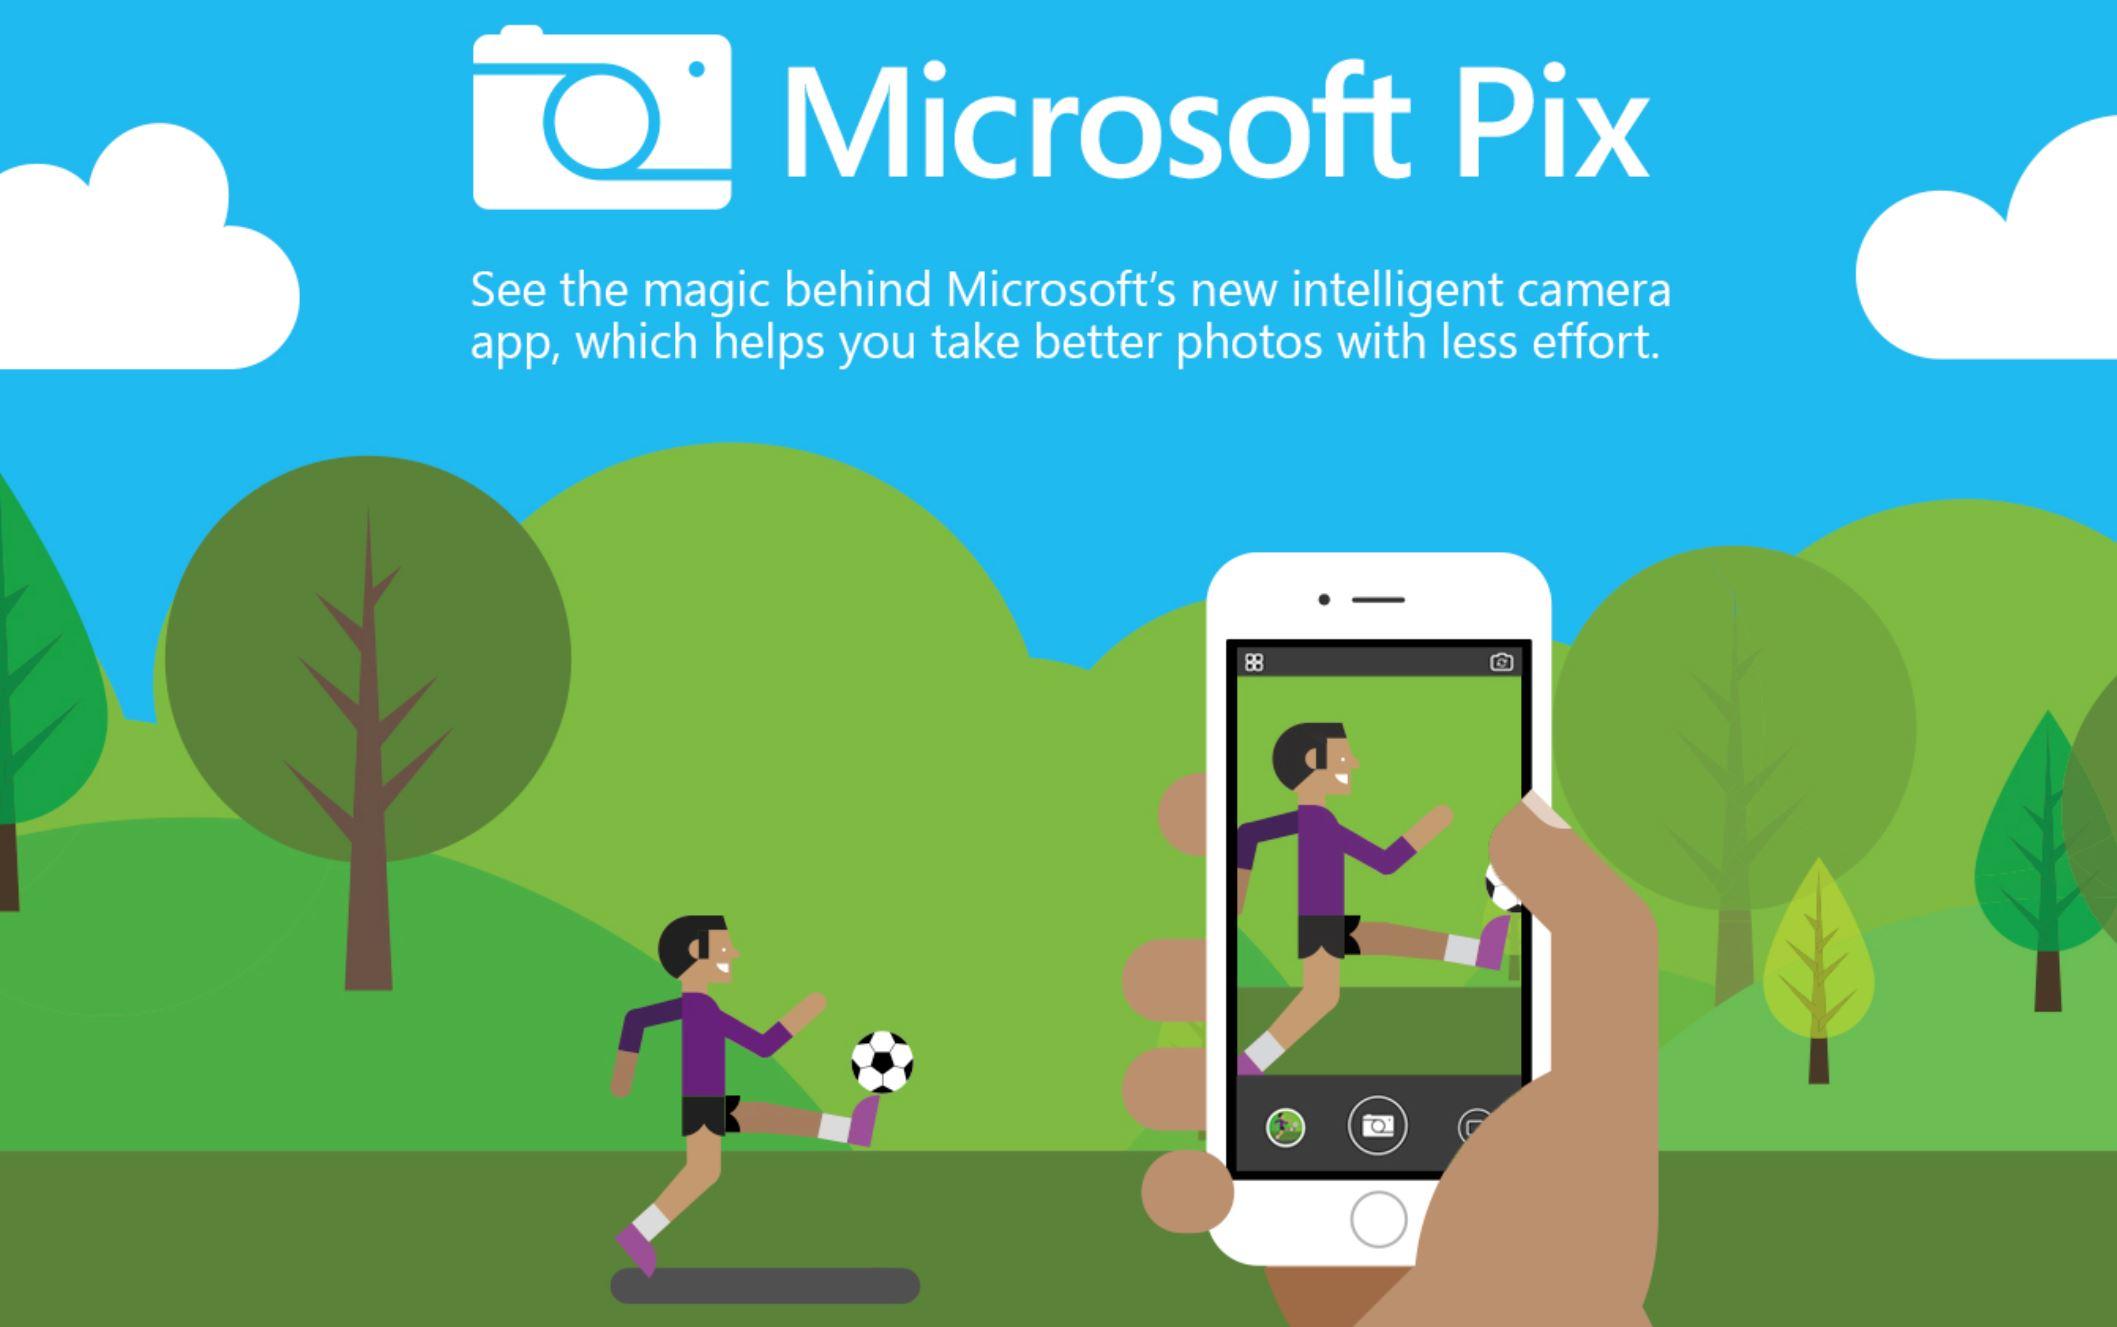 Microsoft Pix: Η εφαρμογή που βελτιώνει κάθε φωτογραφία αυτόματα